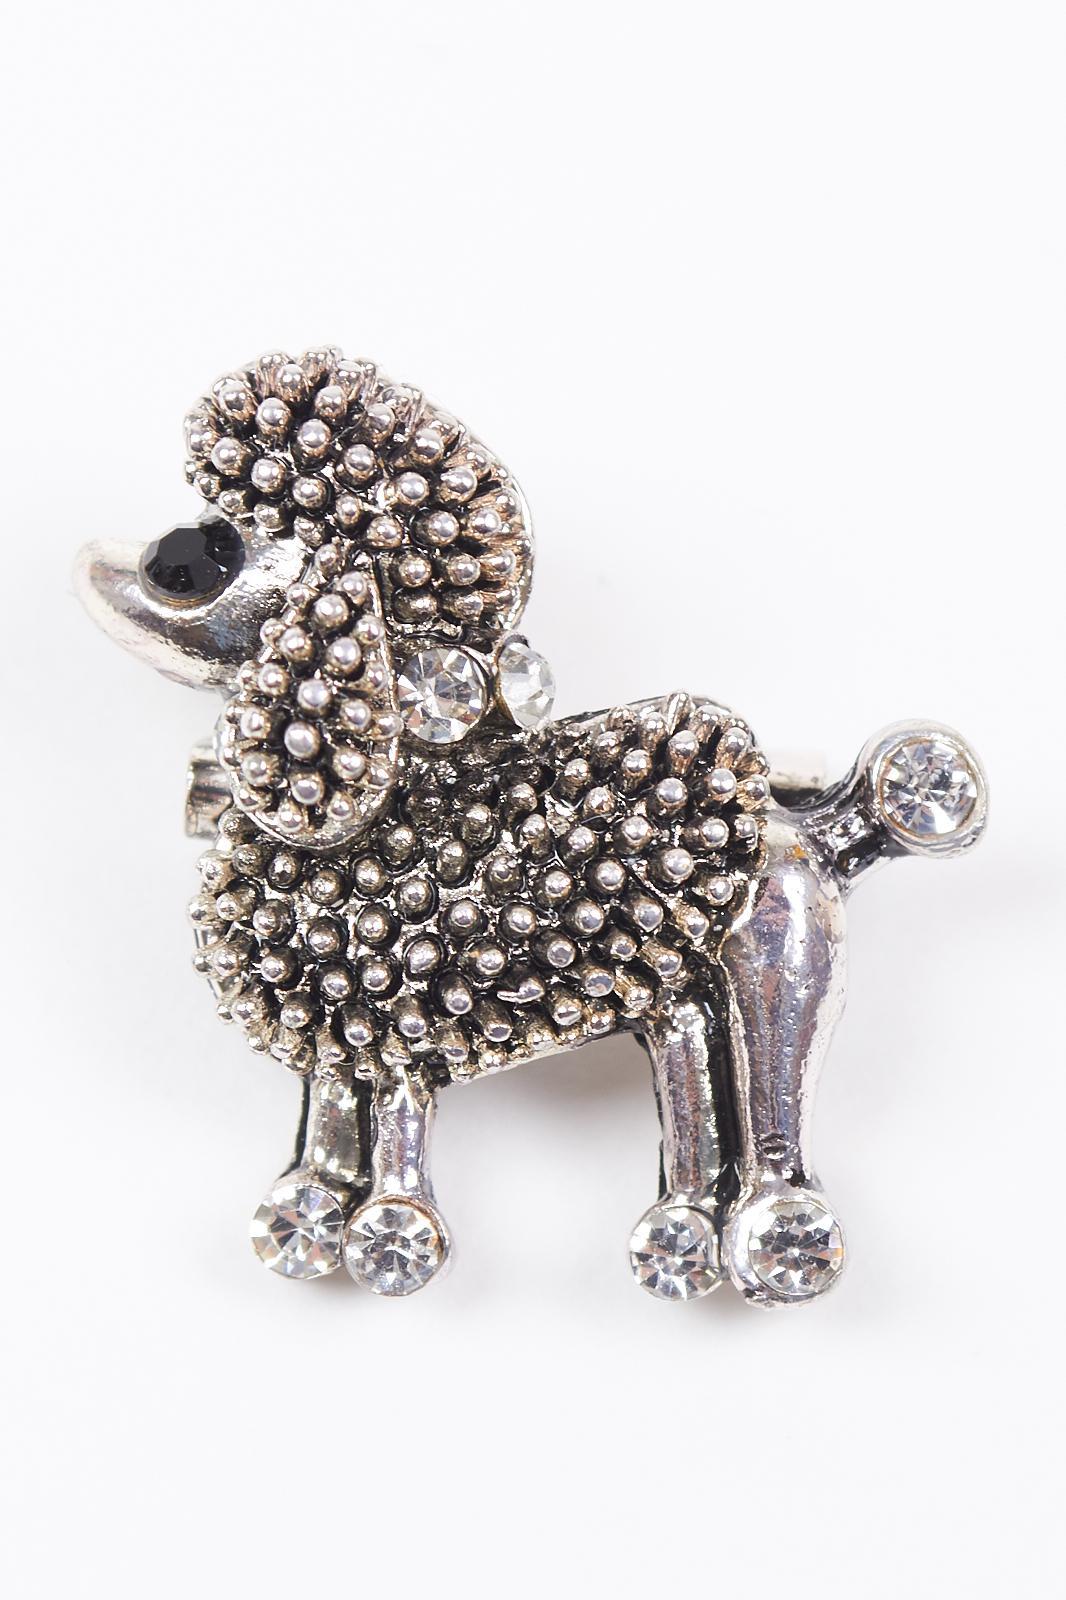 Купить со скидкой Брошь Fashion Jewelry